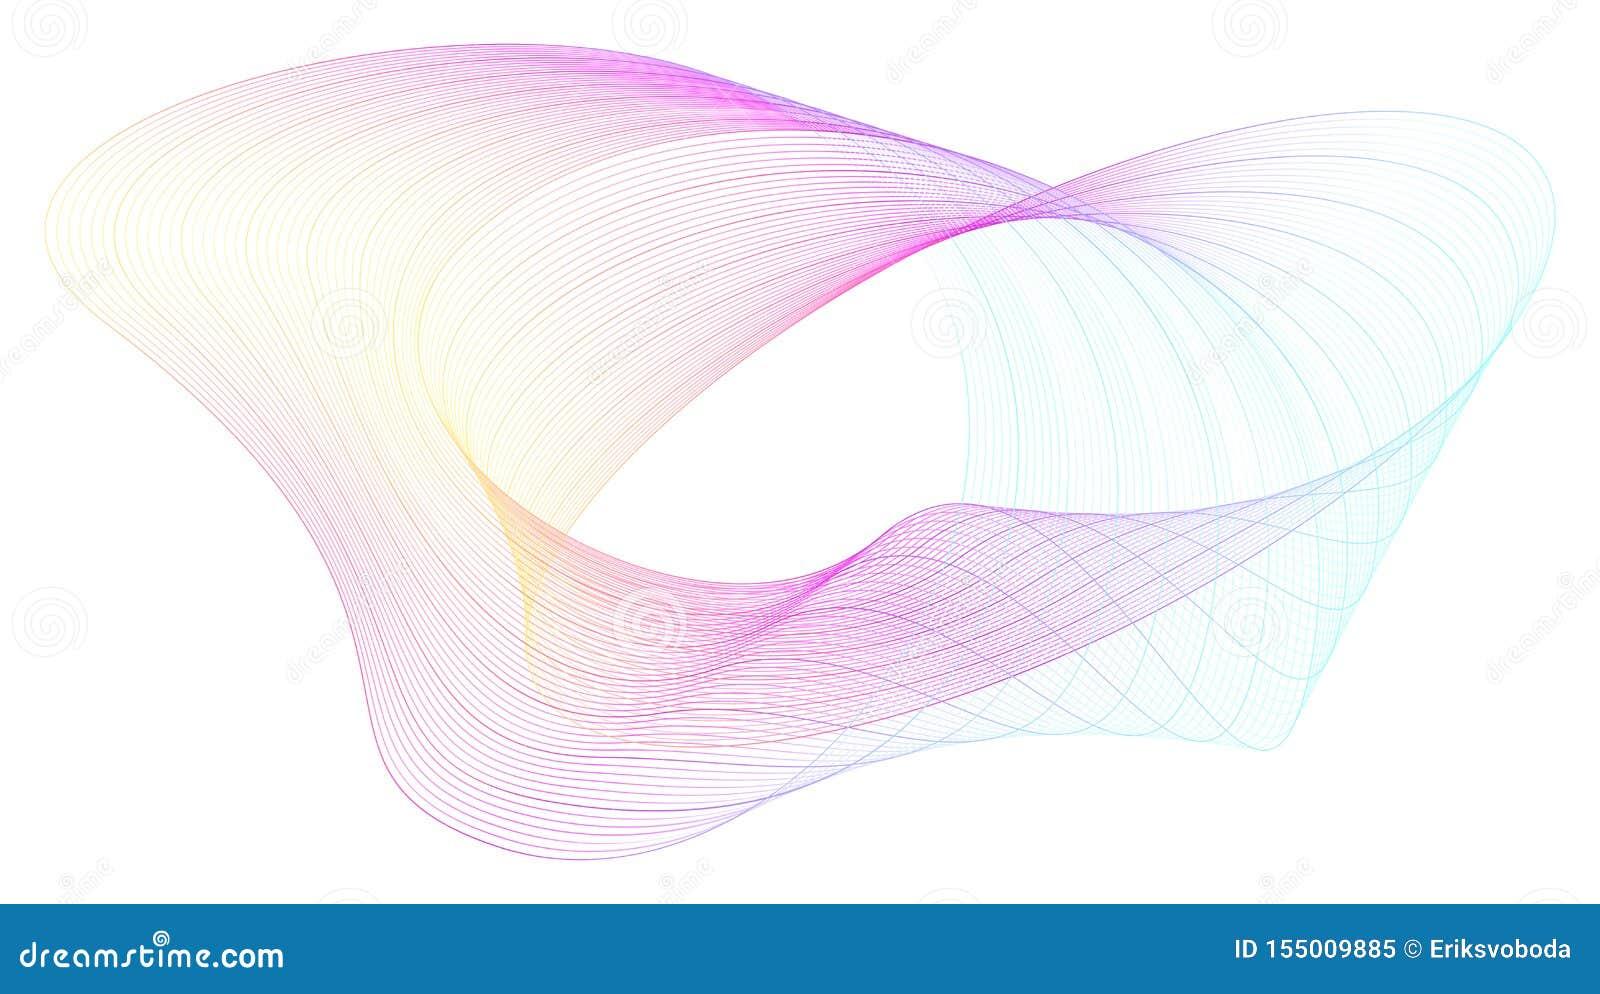 Composição abstrata com linhas coloridas torcidas Ondas de fluxo dinâmicas radiais Conceito dos gráficos do fluxo, música